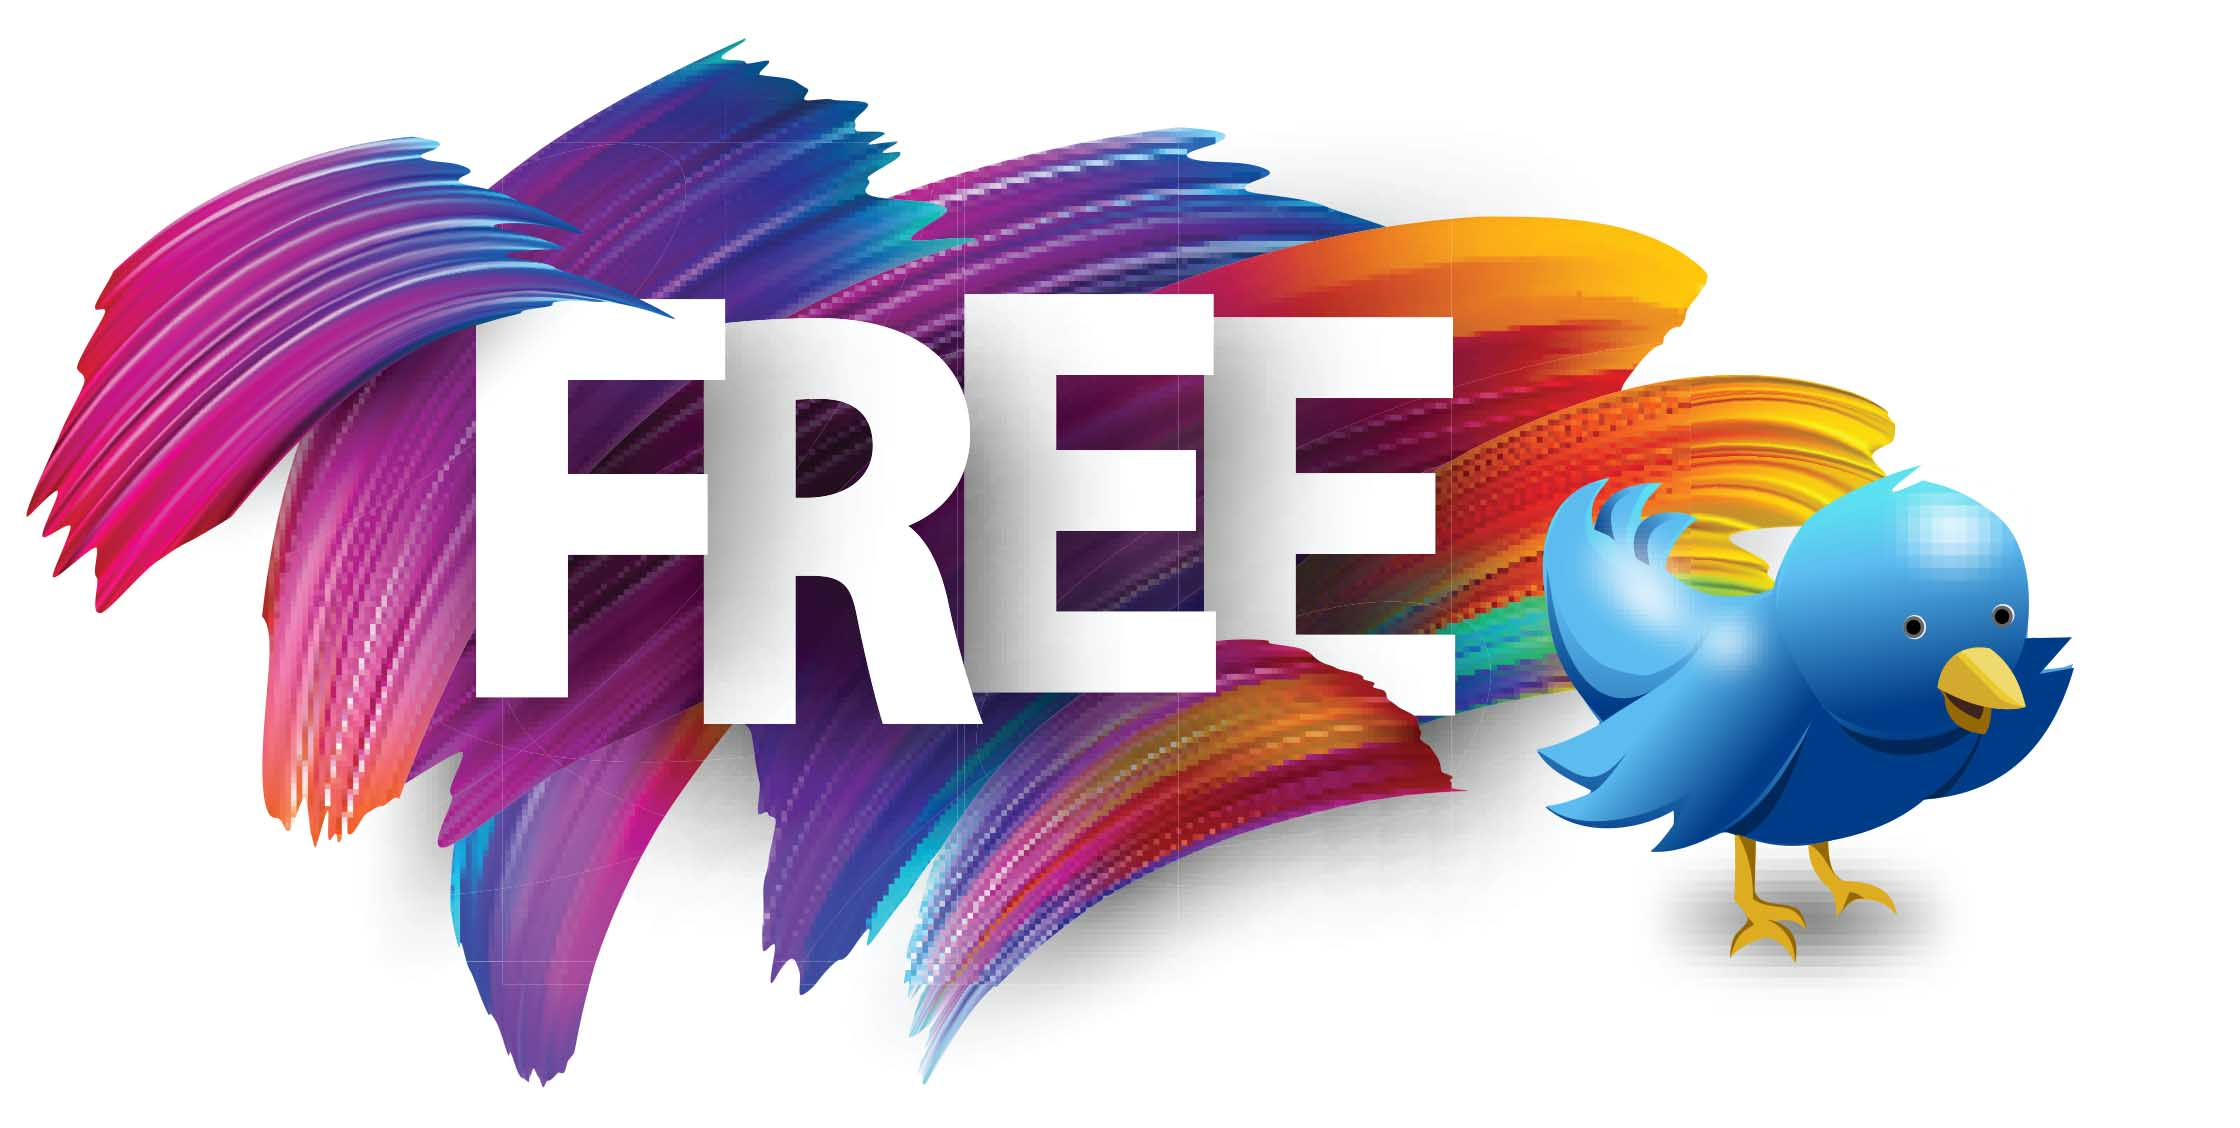 Free Tweets